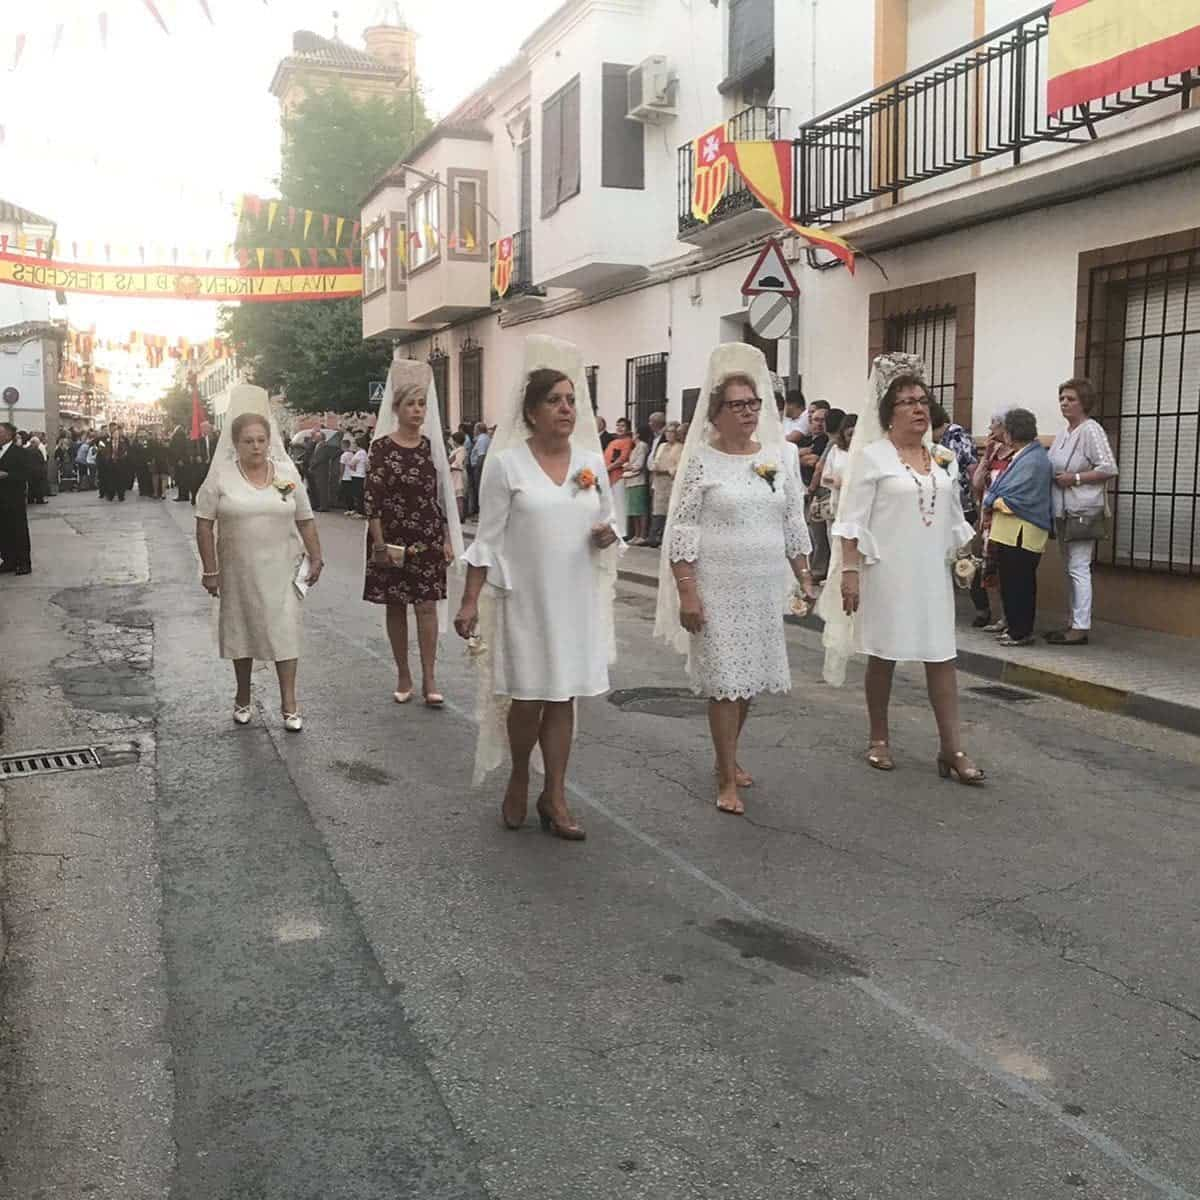 Magna procesión de nuestra Santísima Madre cierra la Feria y Fiestas herenciana 19